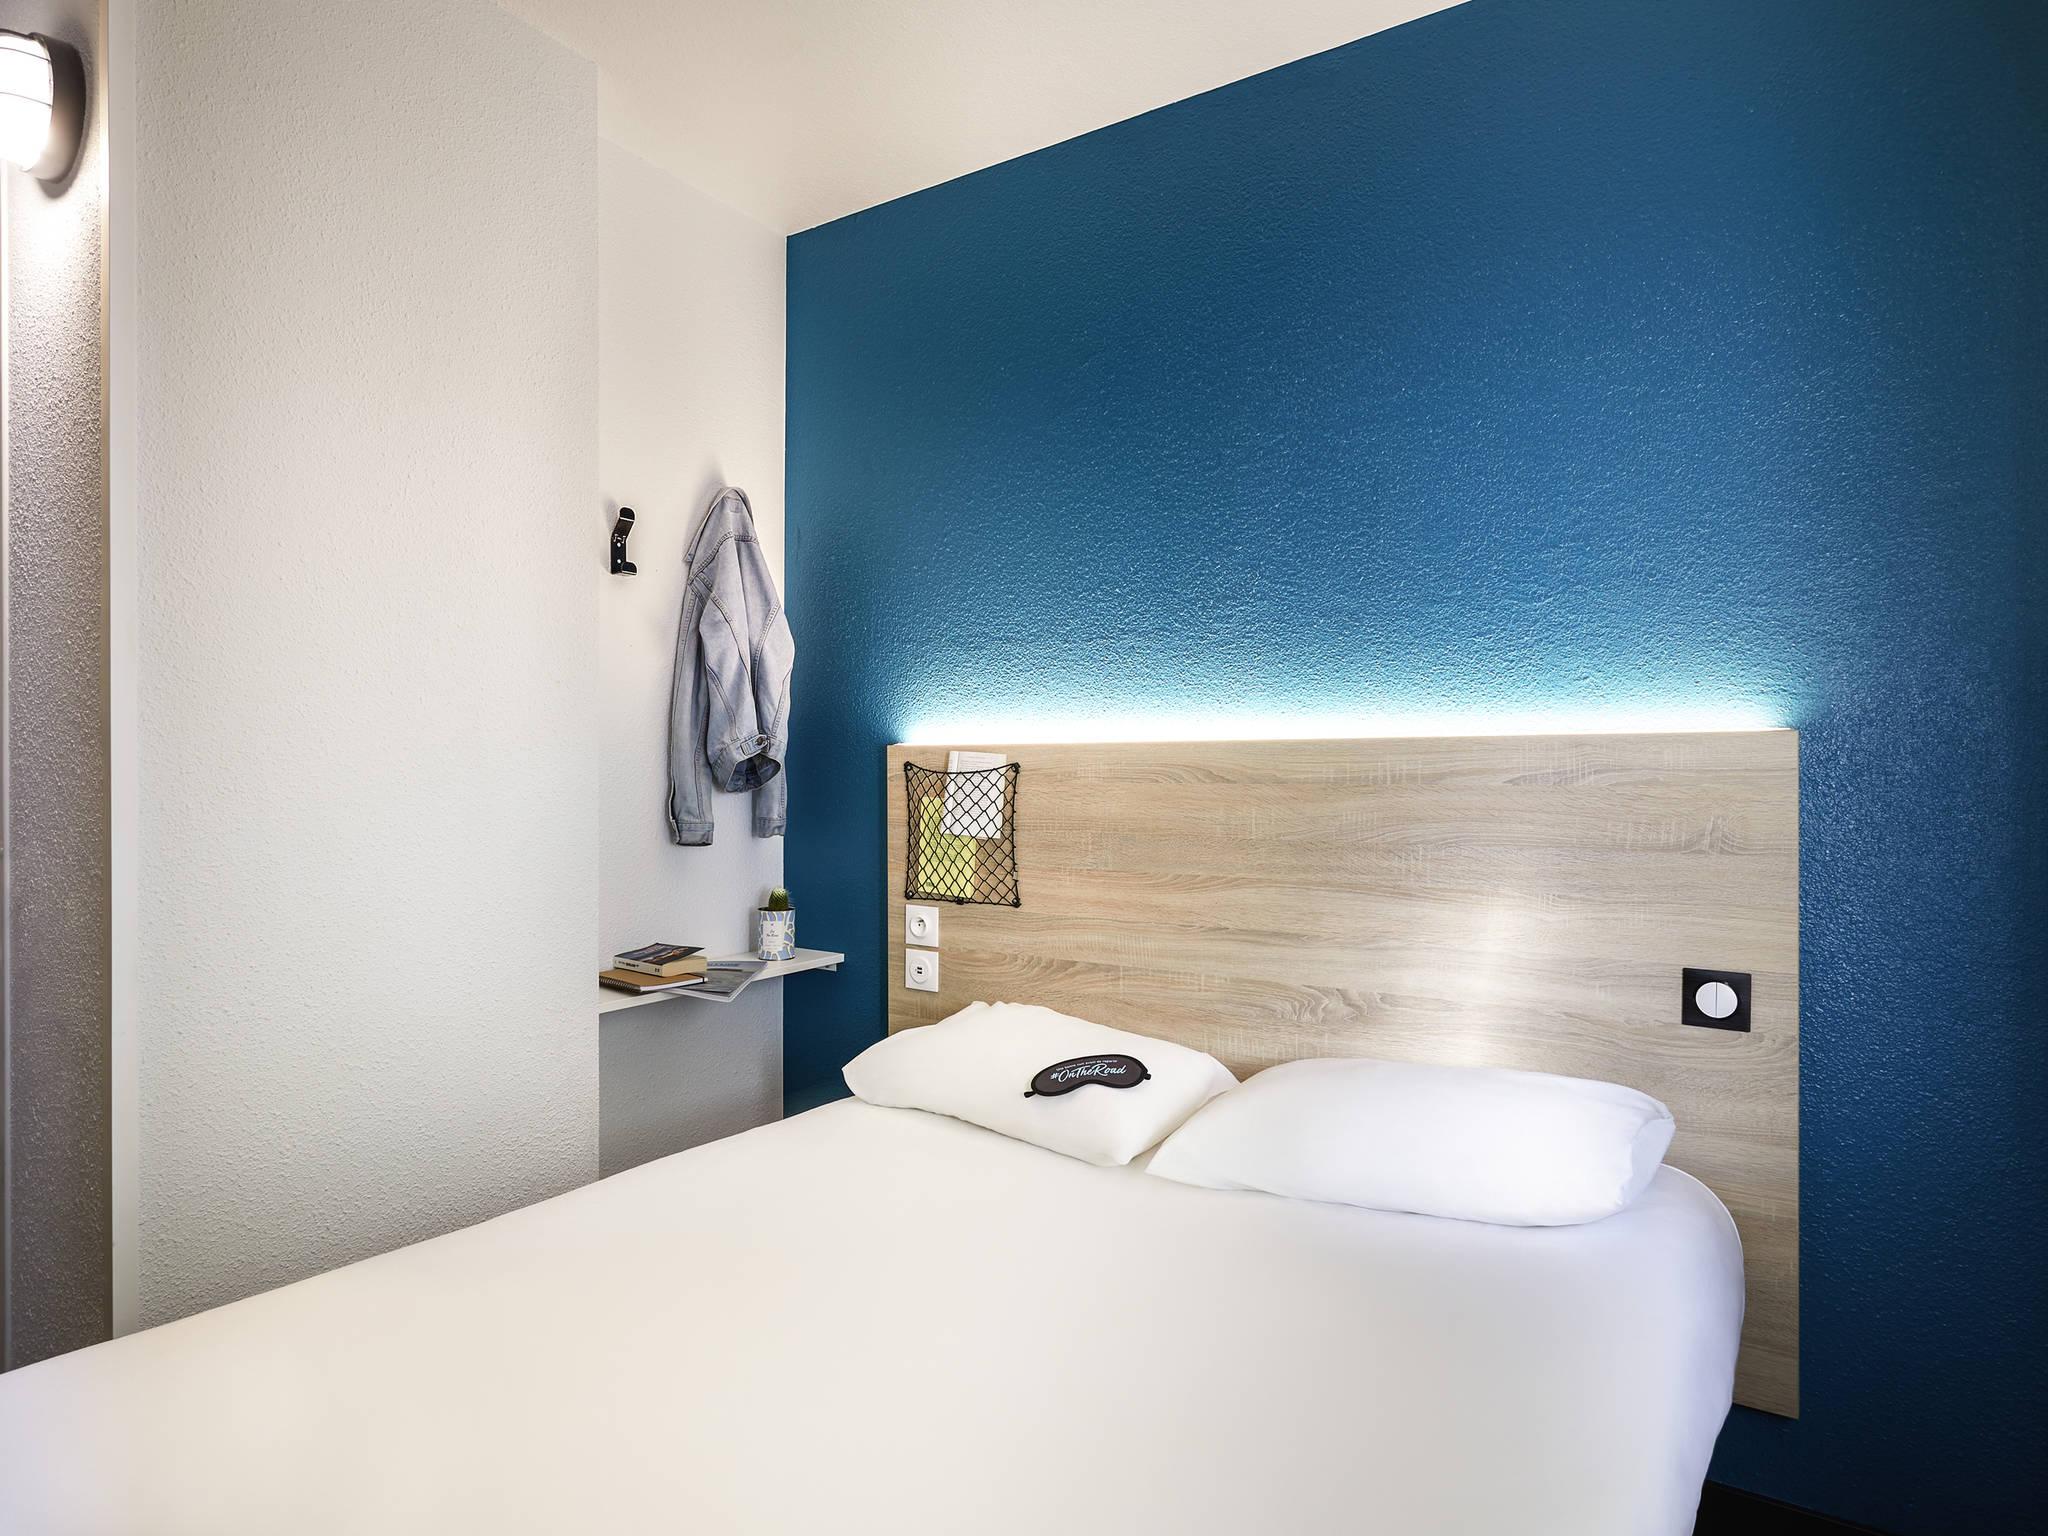 โรงแรม – hotelF1 Vannes